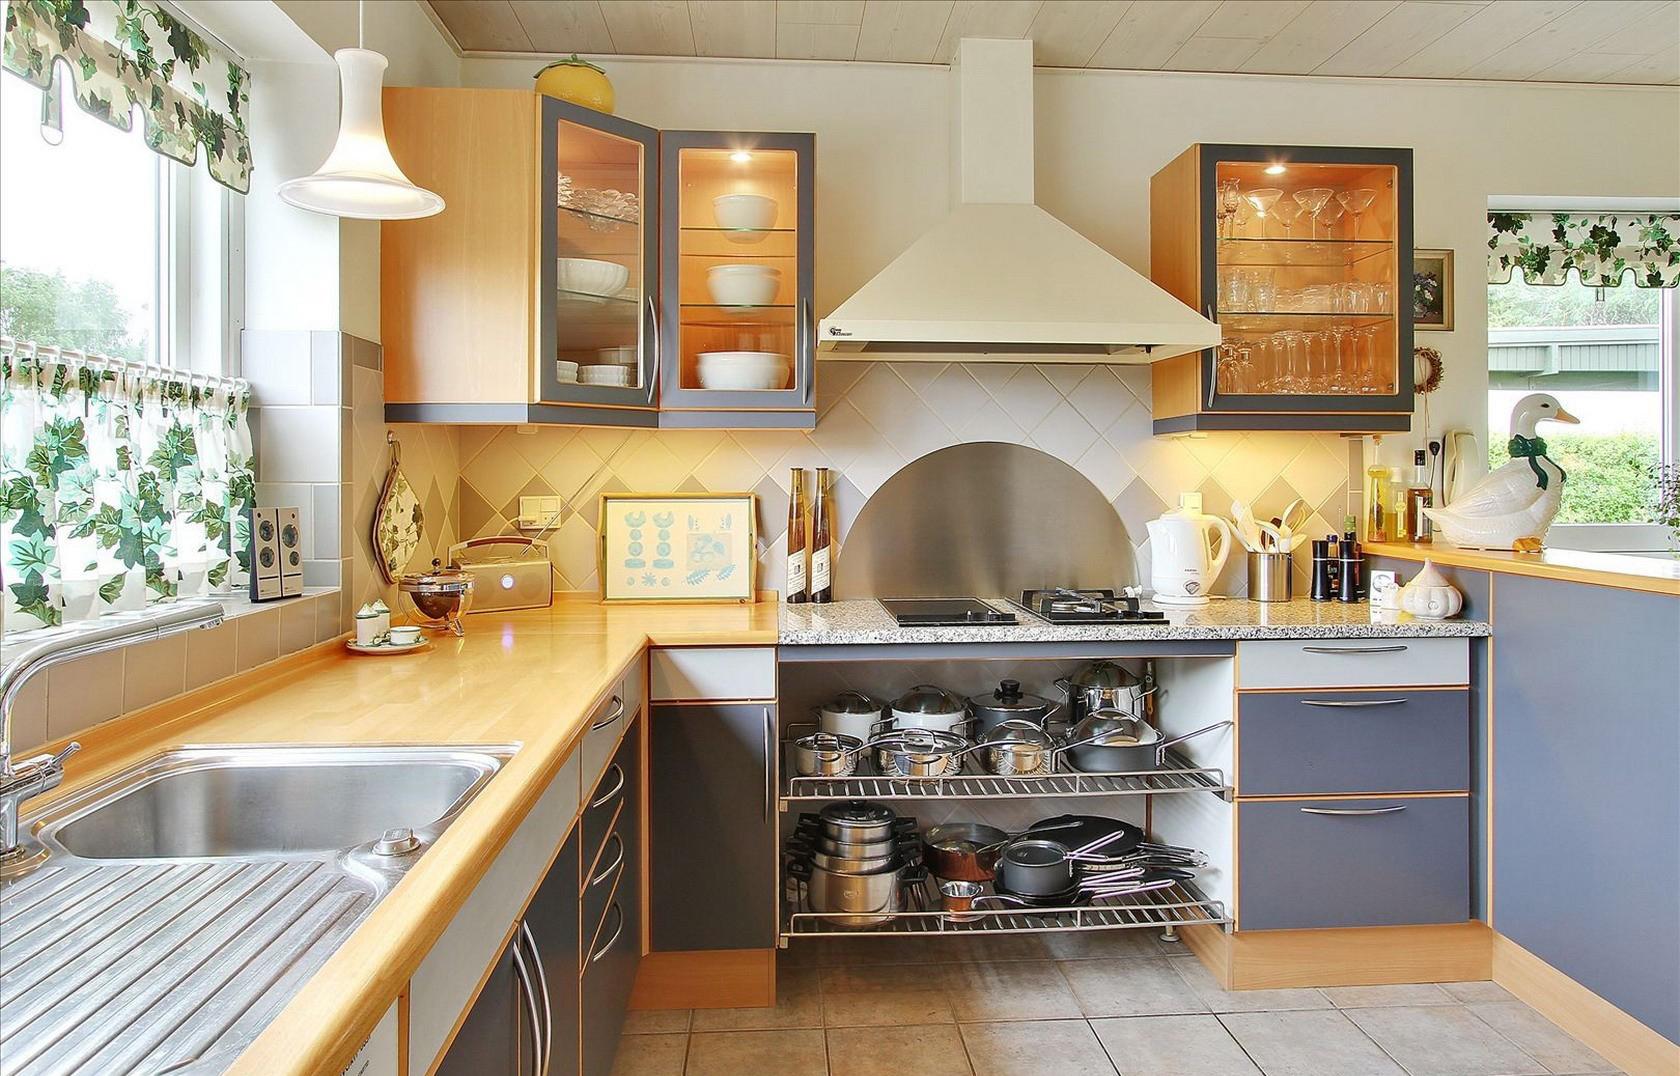 Кухня в частном доме по фэн-шуй